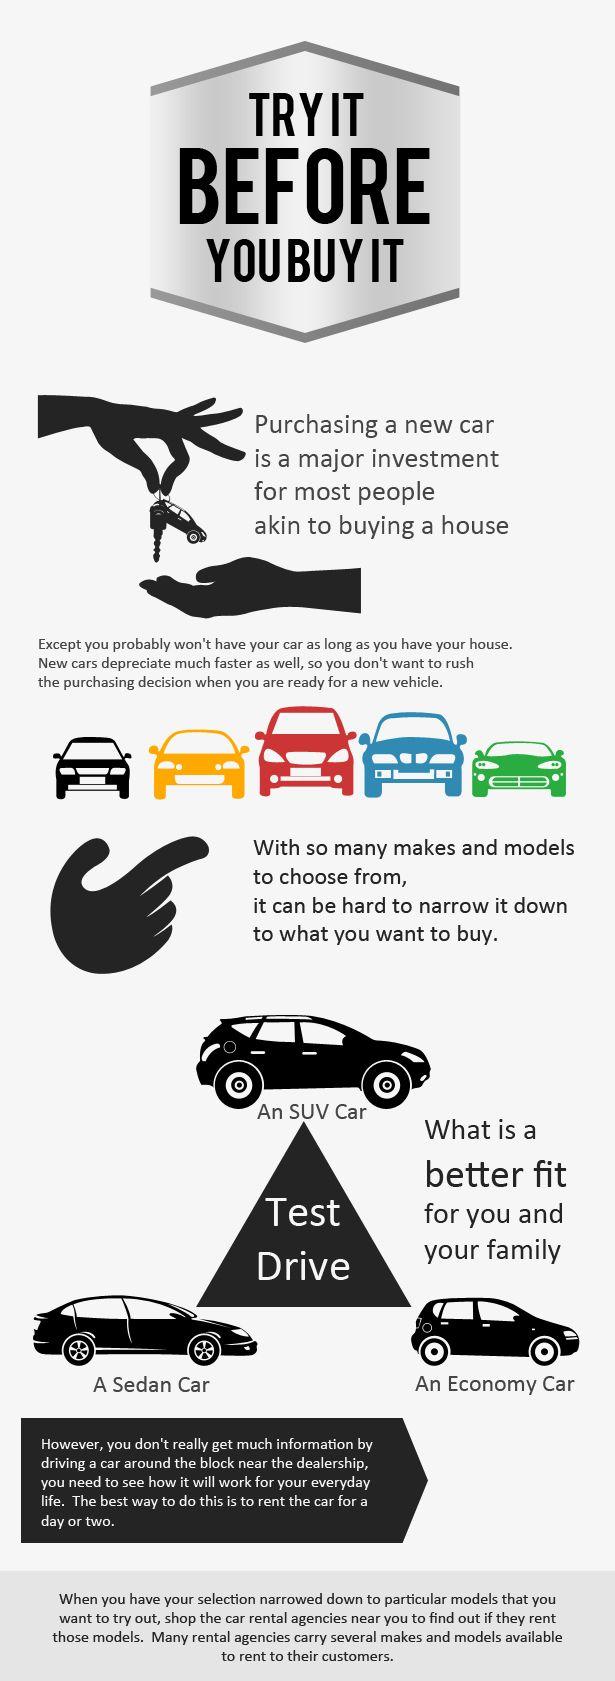 2da79d395fbb1d34471f3d18ff596af2 - How Long Does It Take To Get A New Car